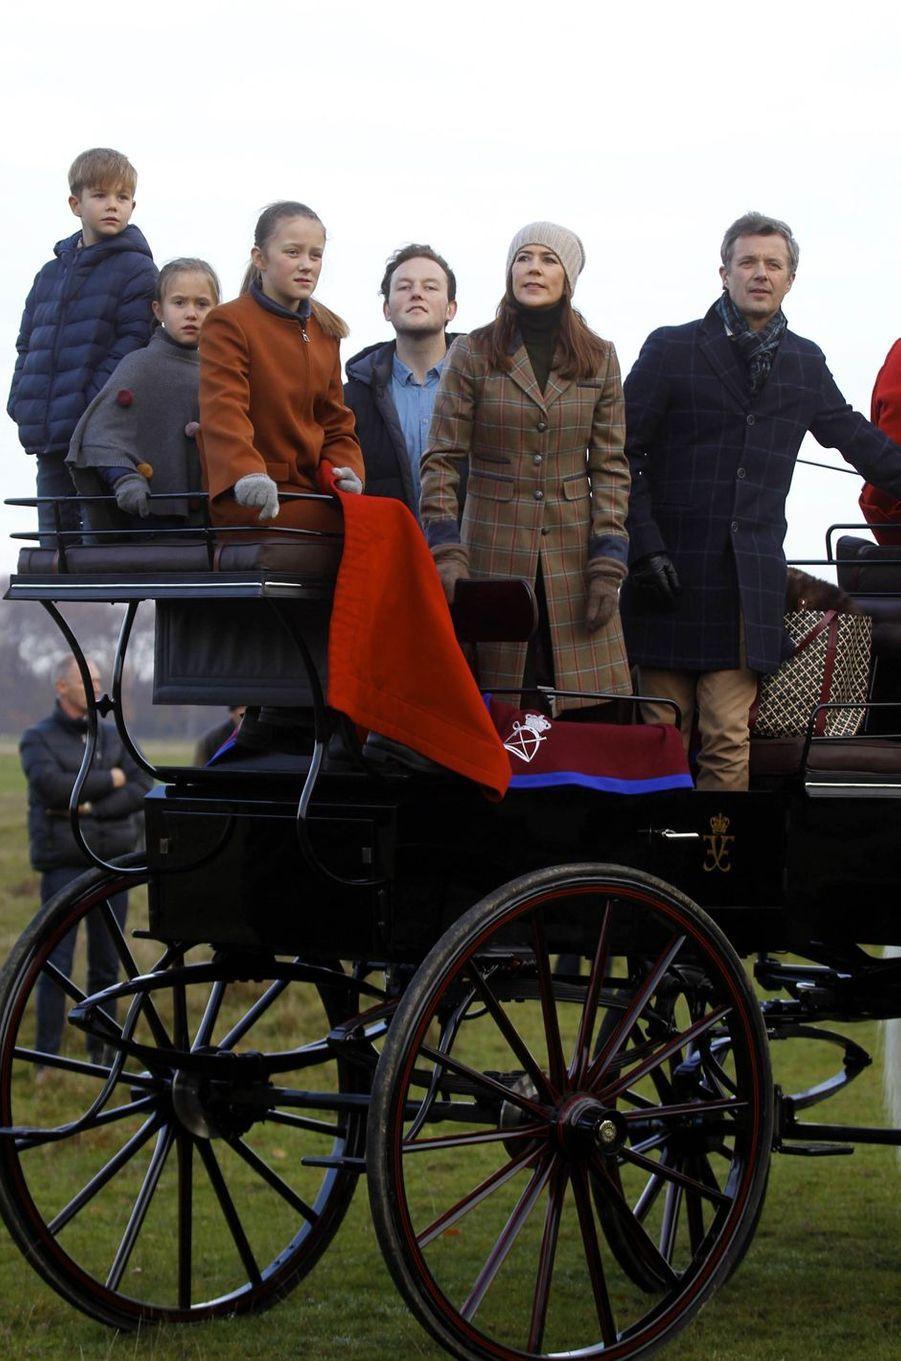 Les princesses Mary, Isabella et Josephine et les princes Frederik et Vincent de Danemark à Klampenborg, le 4 novembre 2018